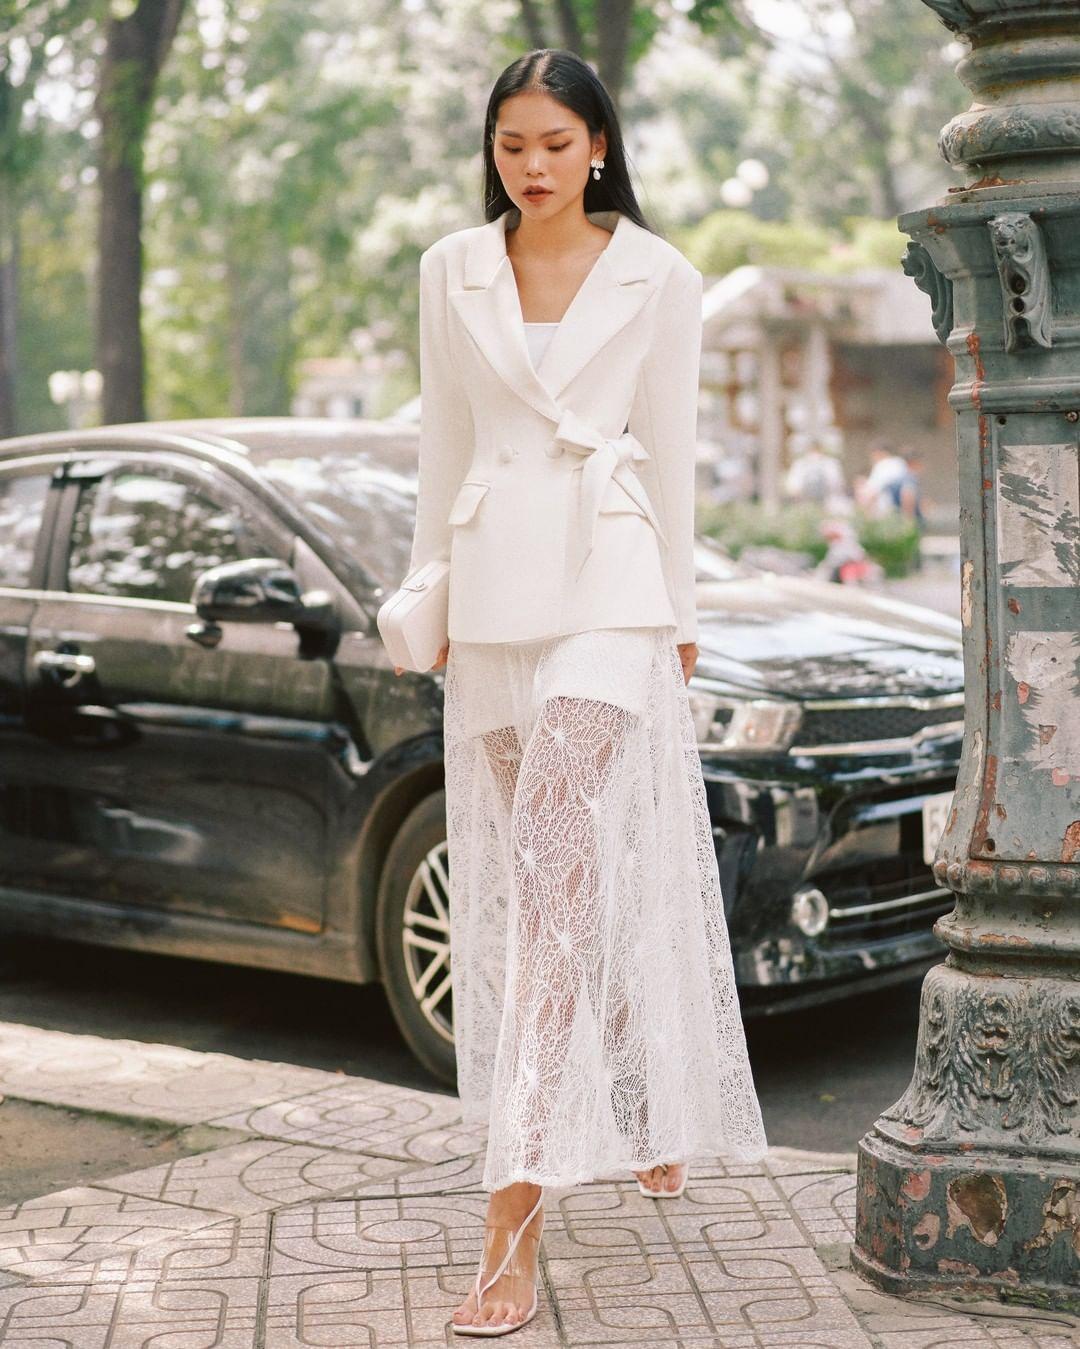 10 mẫu váy vừa điệu vừa sang cho nàng công sở, diện mùa lễ hội cuối năm là chiếm trọn spotlight - Ảnh 5.